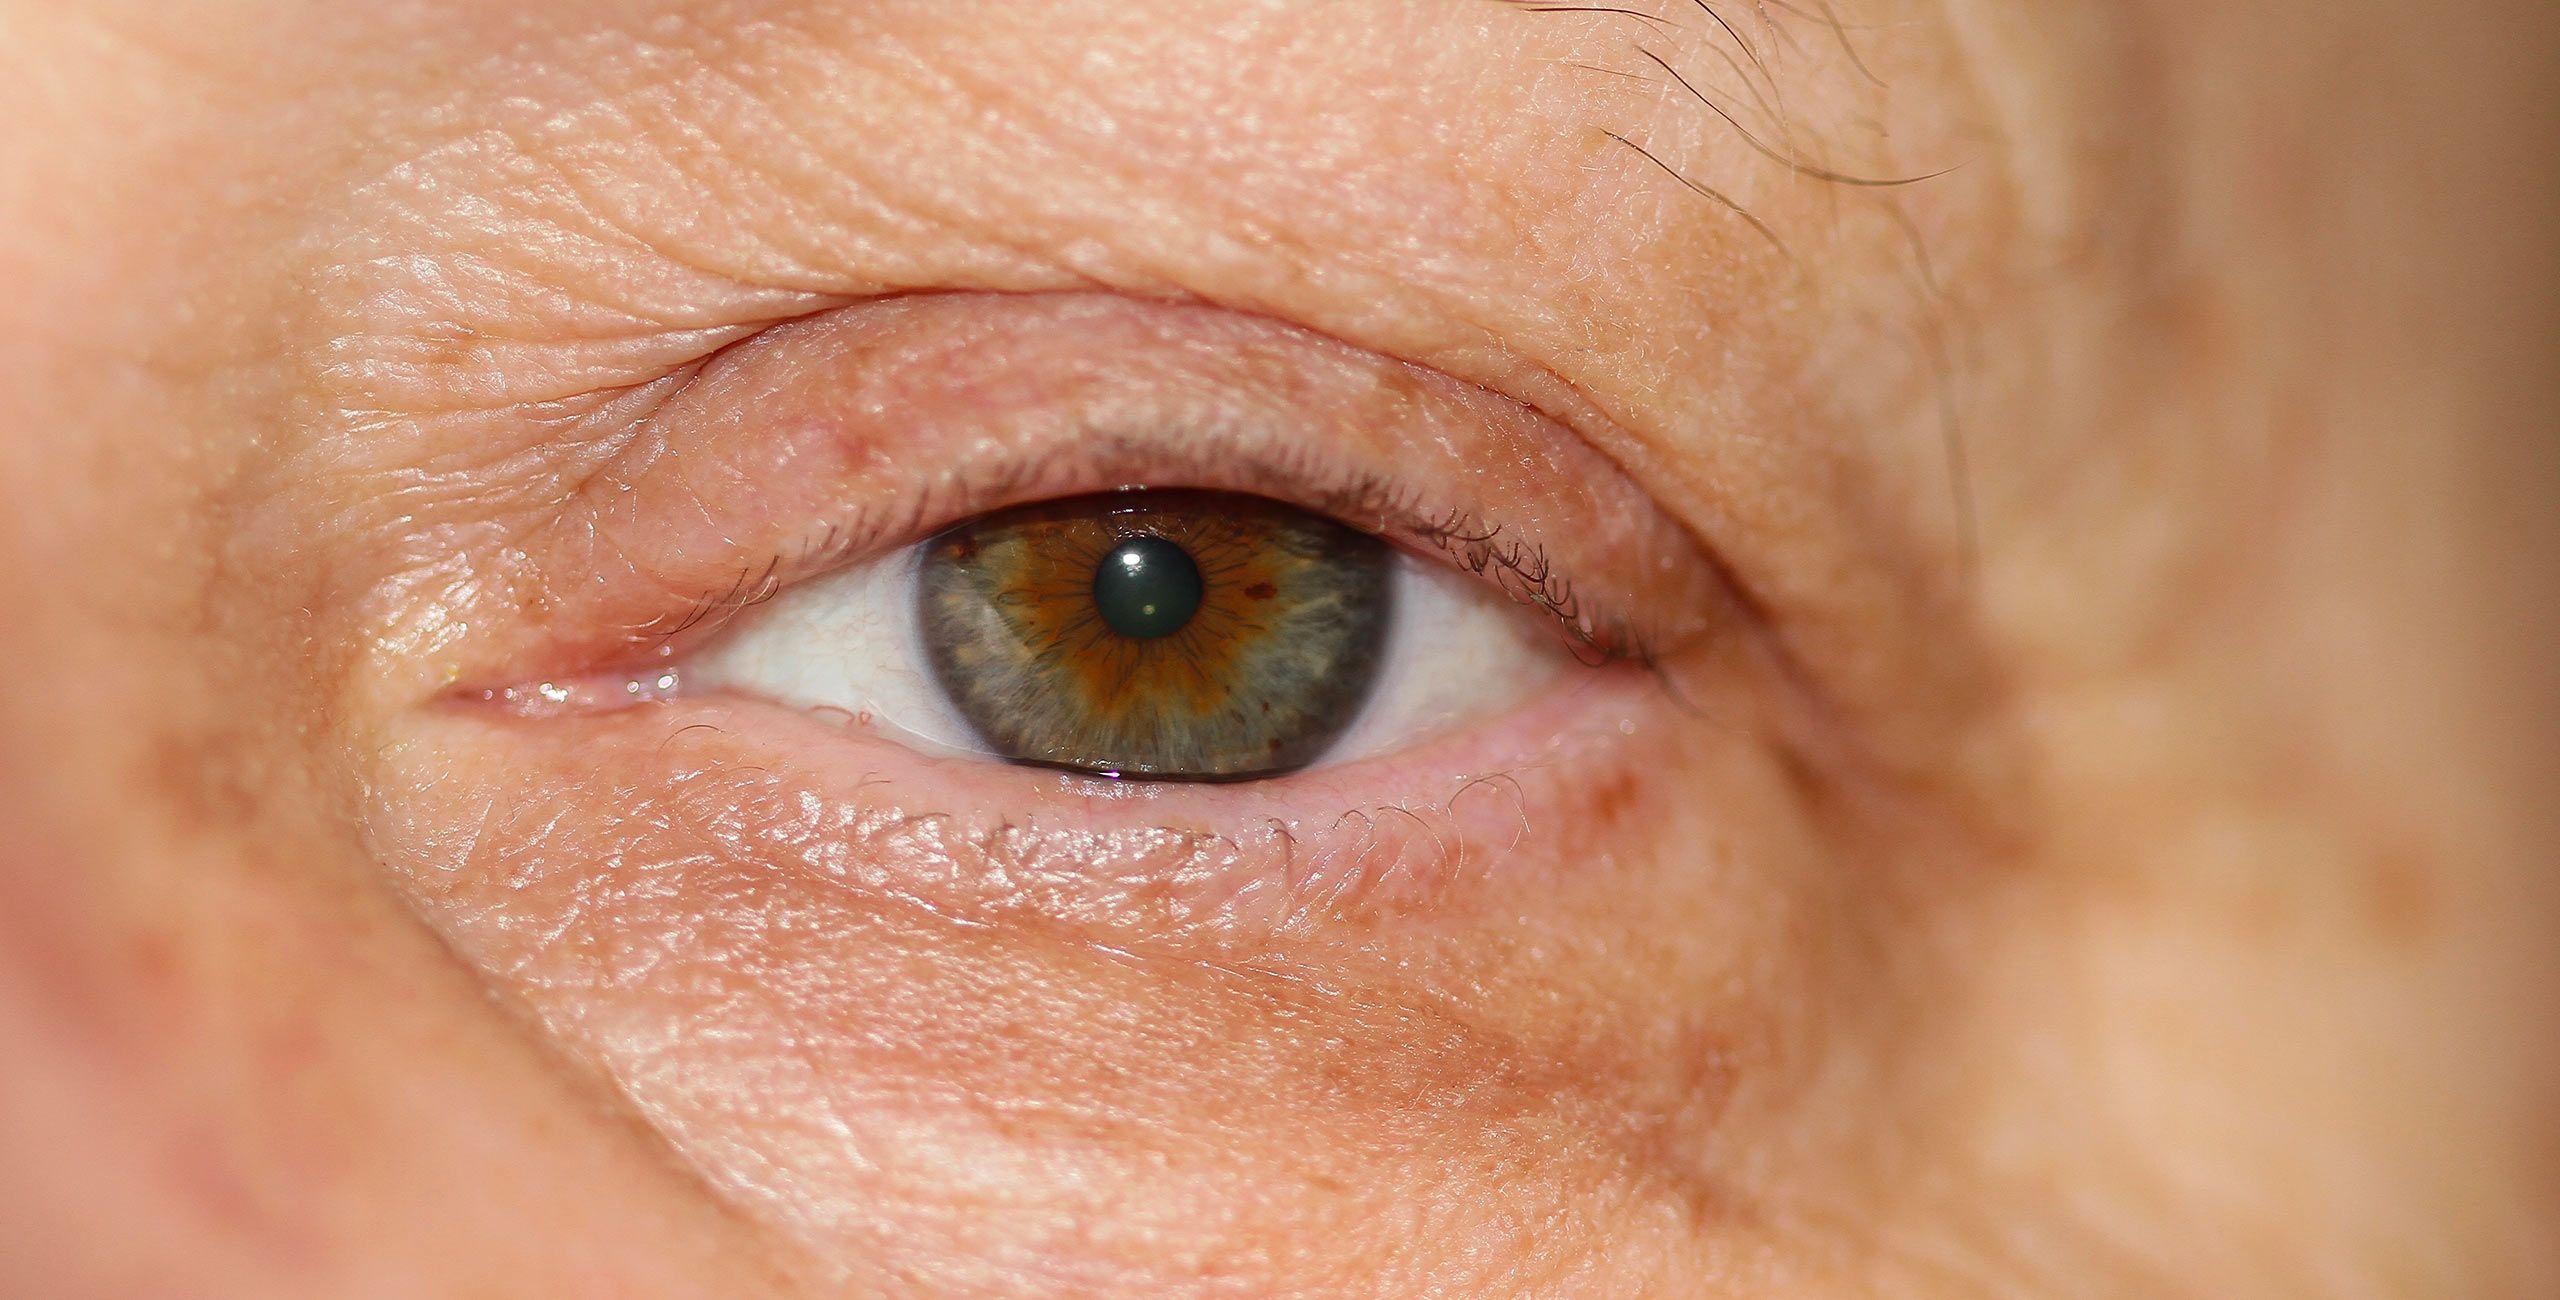 Traitement du dermatochalasis à Paris 5 au Centre ophtalmologique COSS